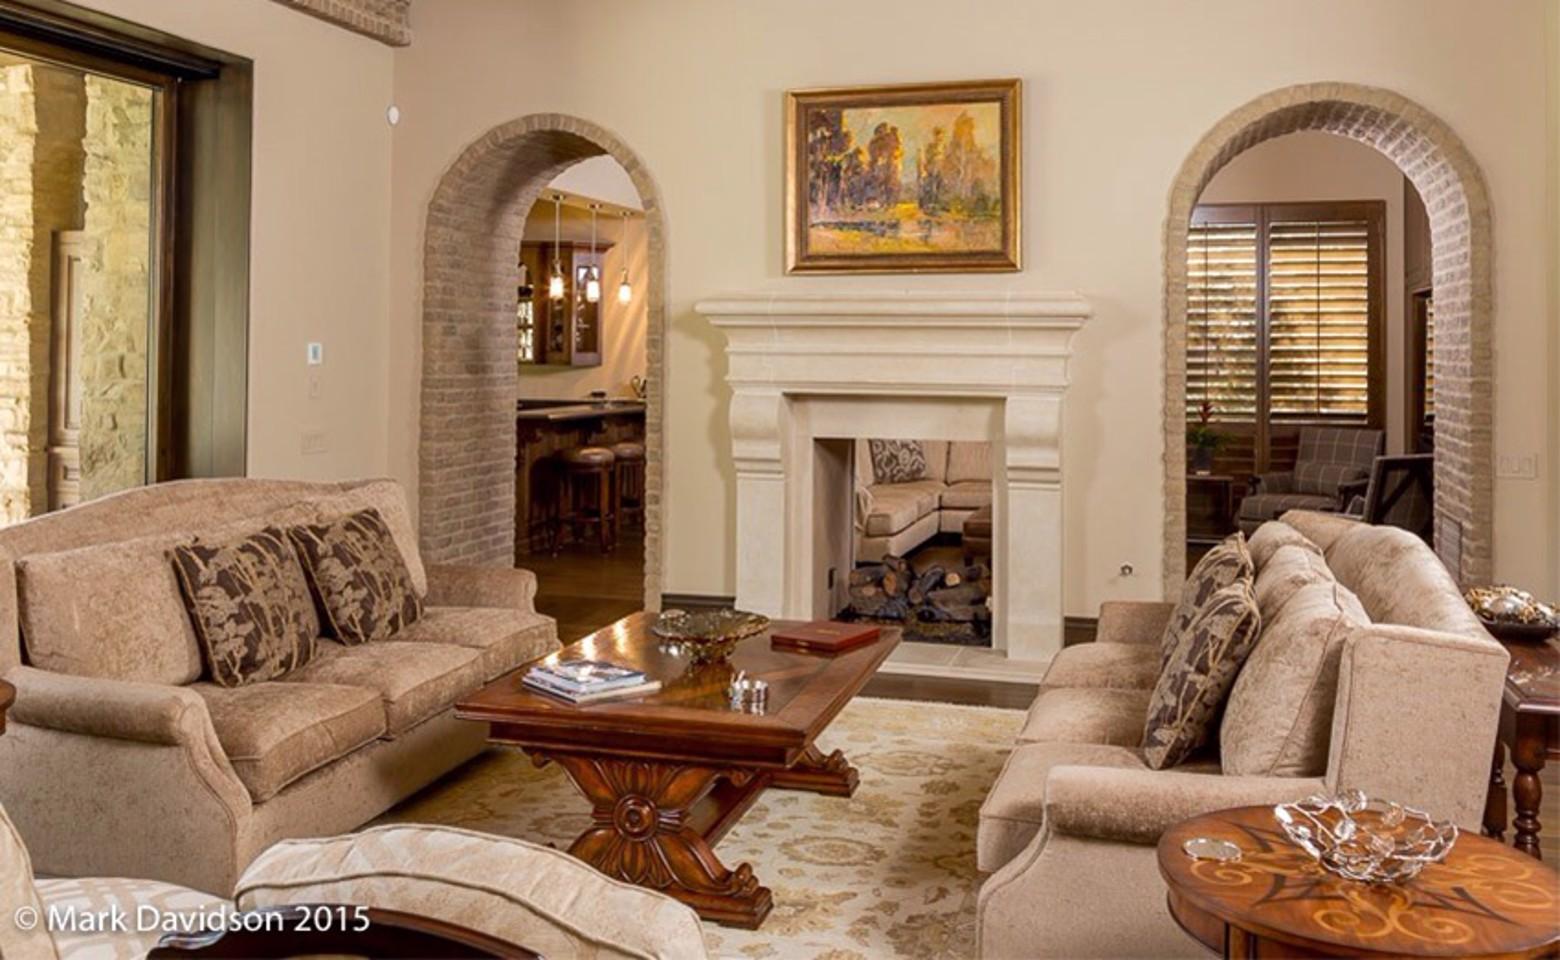 livingroom2_resized-2.jpg image